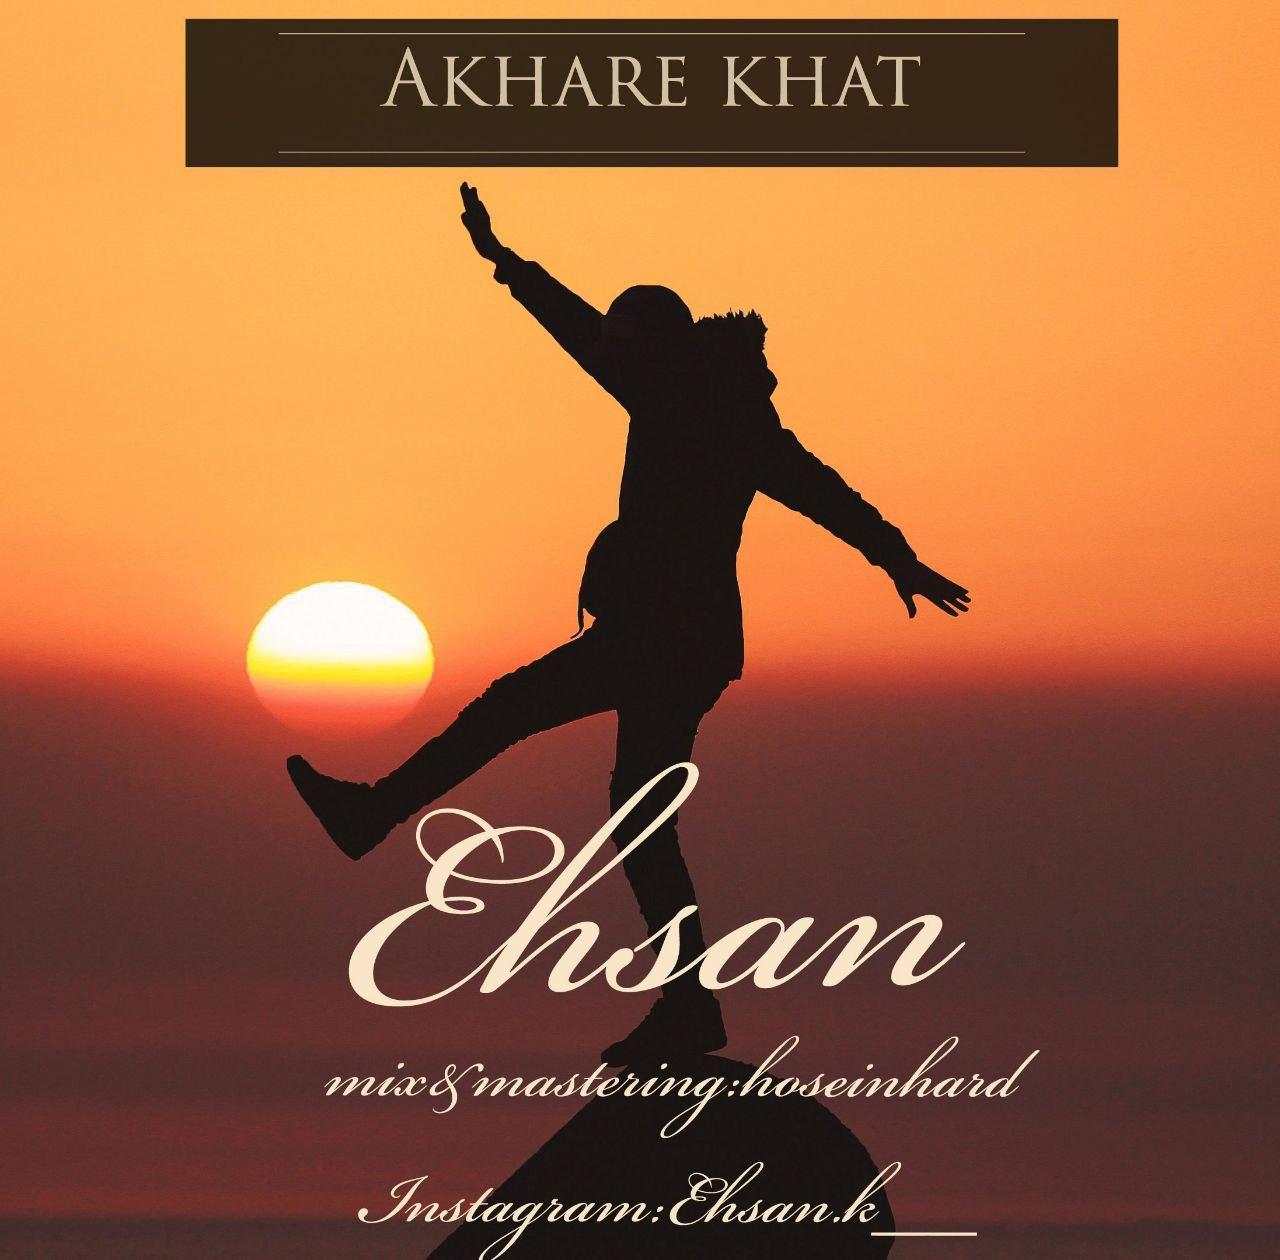 Ehsan – Akhare khat